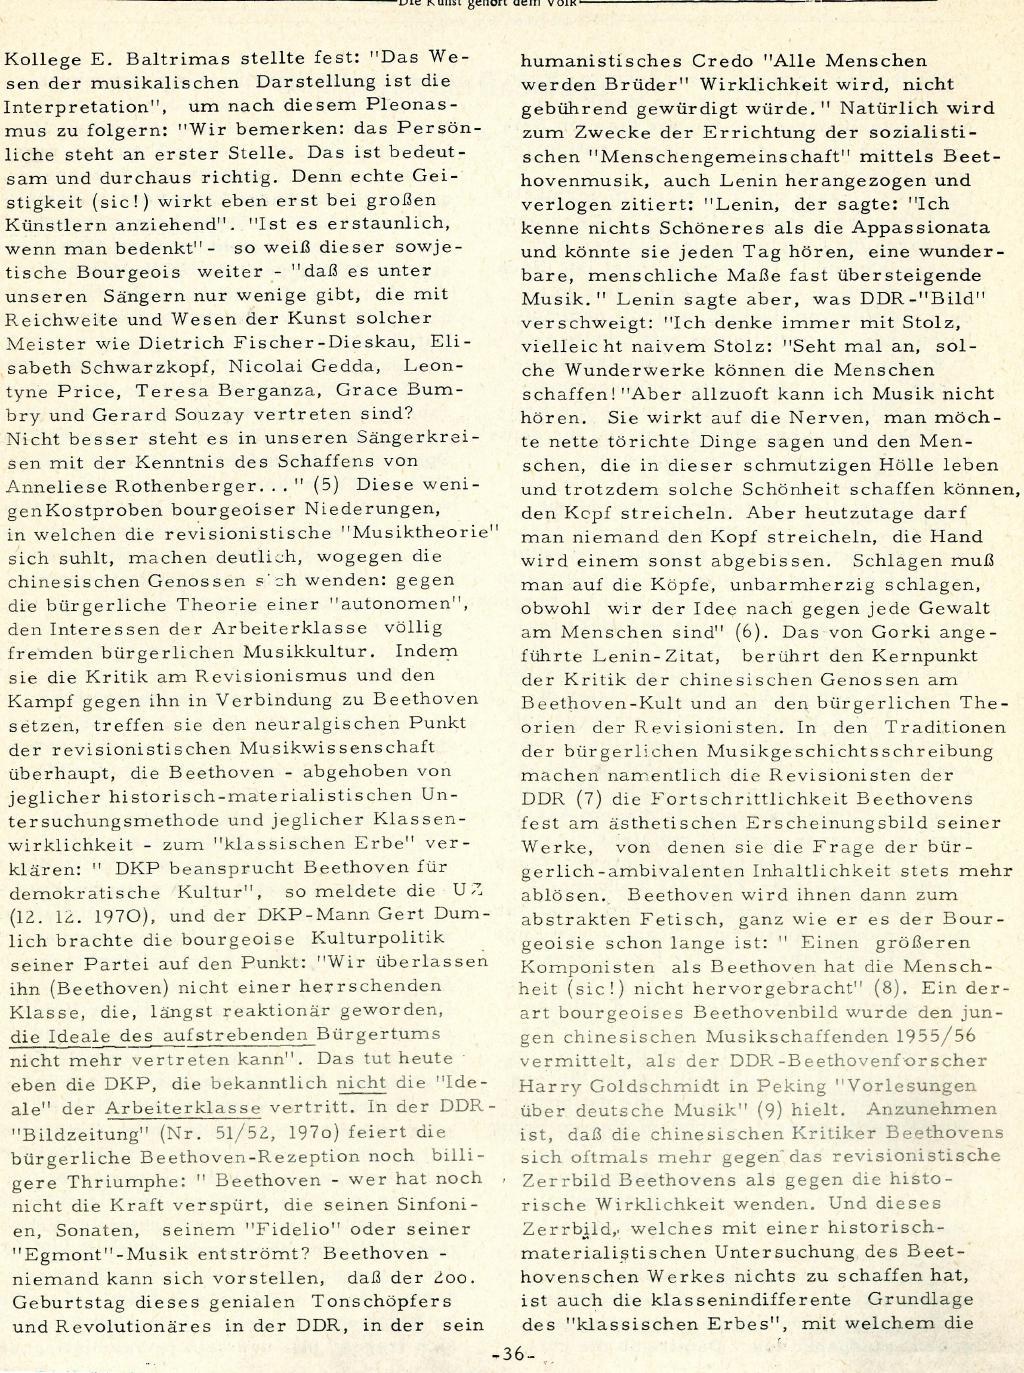 RPK_1974_09_10_36